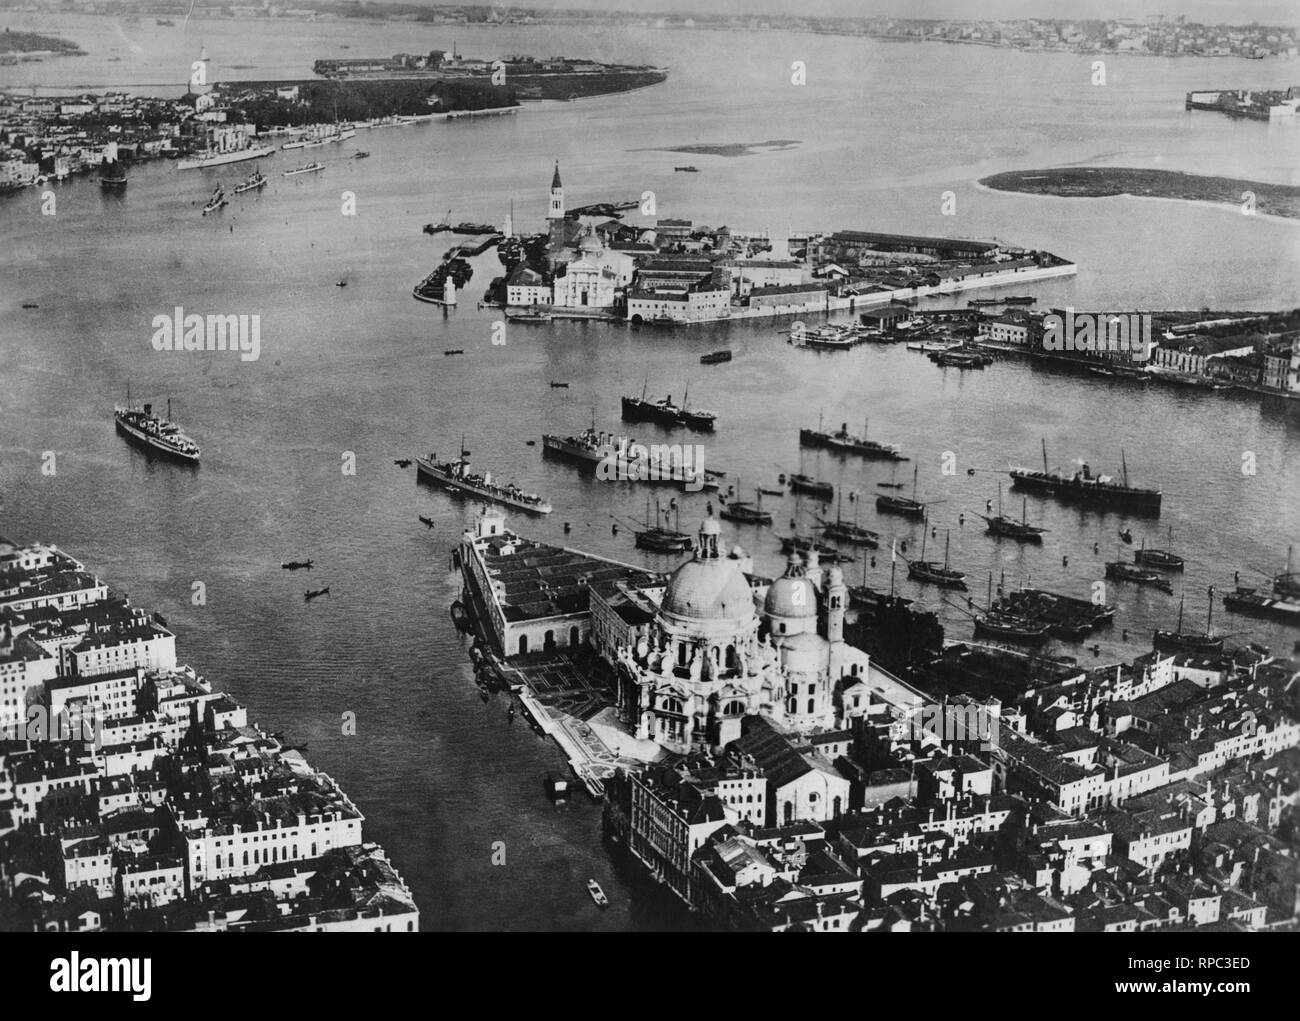 Italy, Veneto, Venice, Santa Maria della Salute, Punta della Dogana and San Giorgio Island, 1910-20 - Stock Image